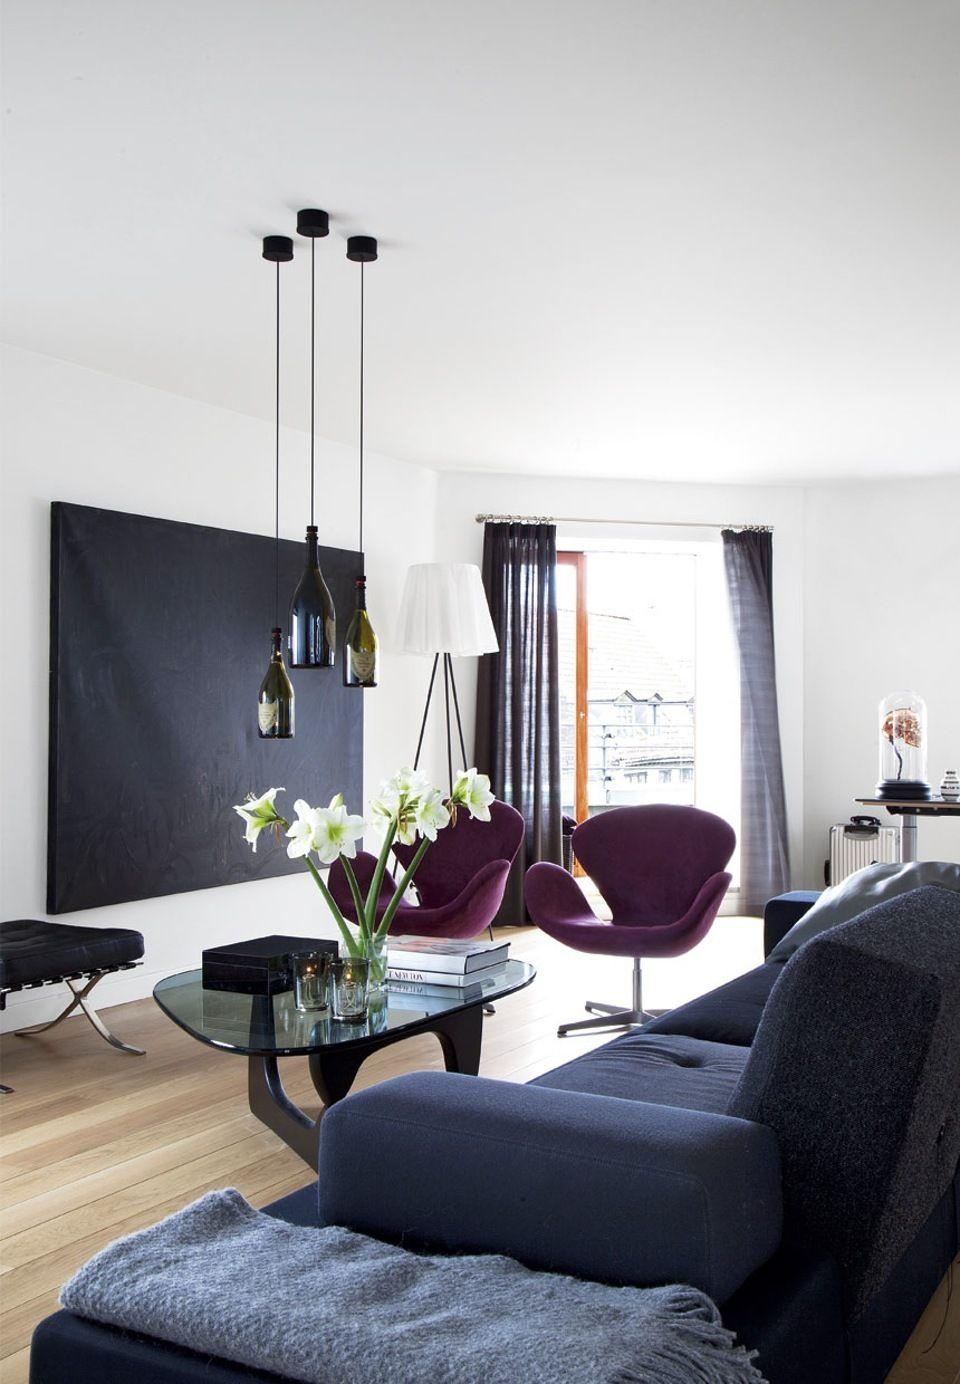 Intimate and quiet living room with dark interior design ideas we